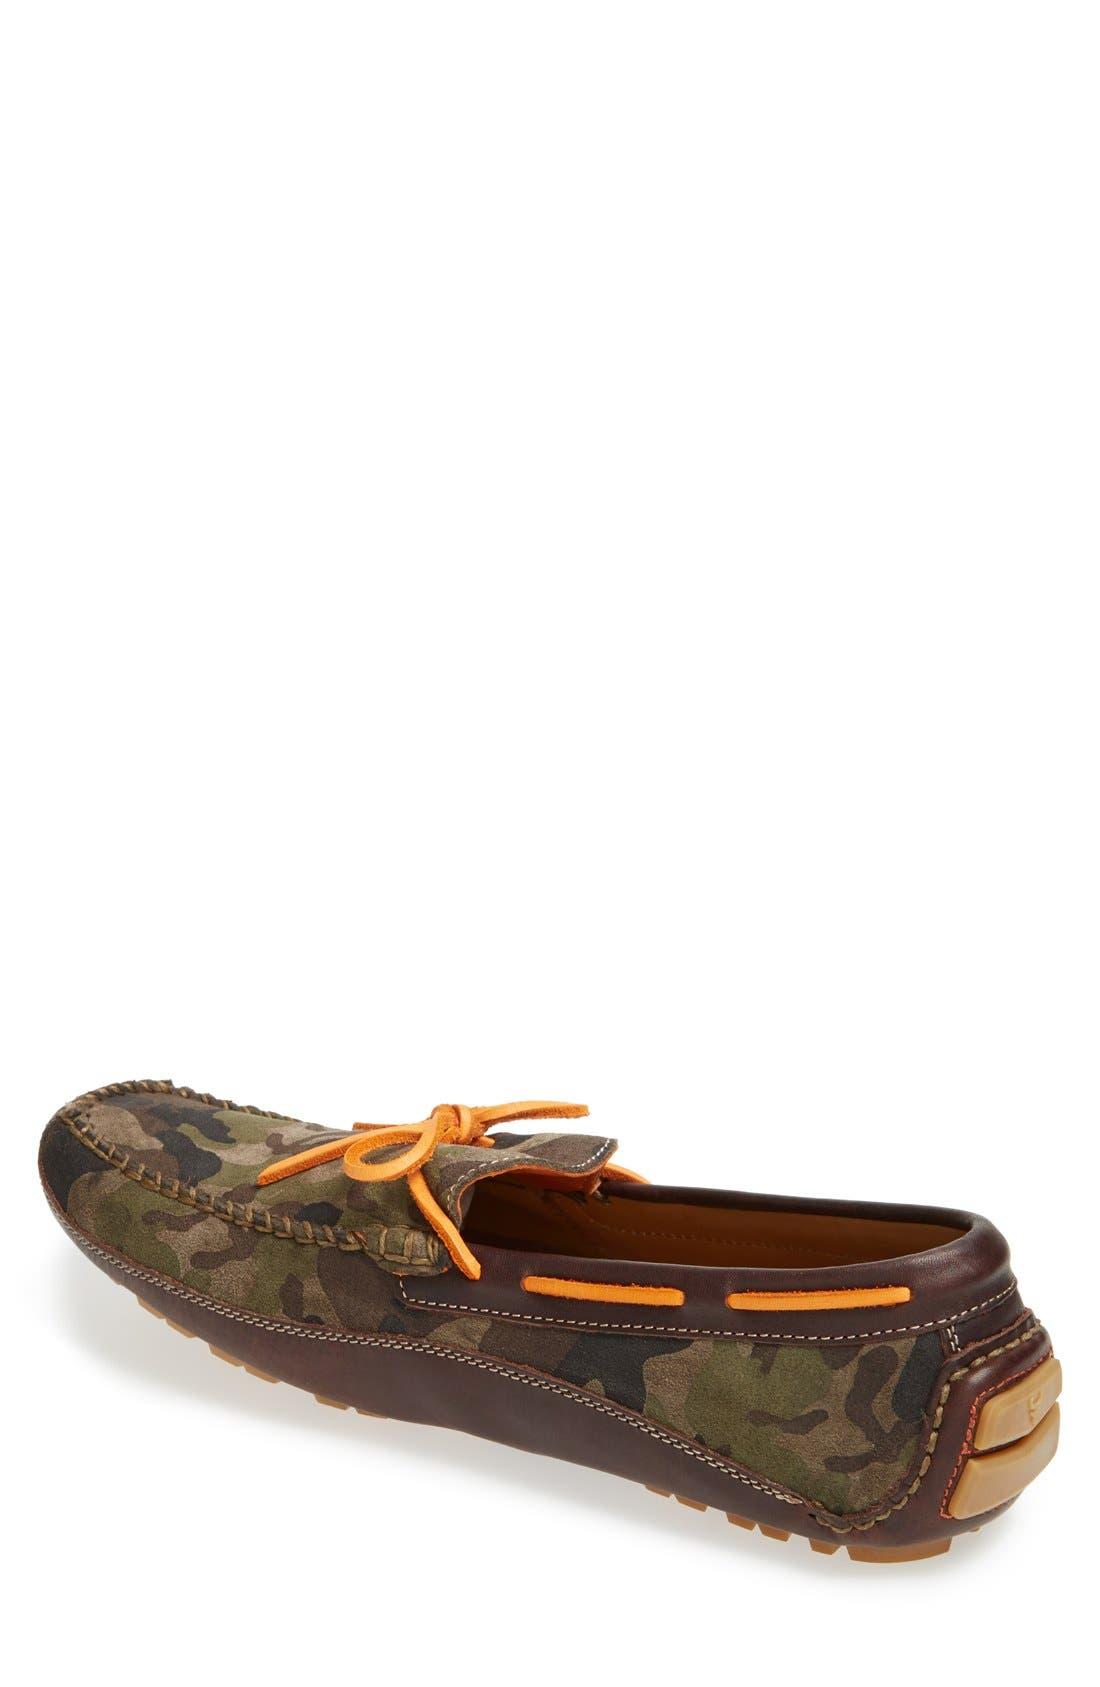 'Drake' Leather Driving Shoe,                             Alternate thumbnail 17, color,